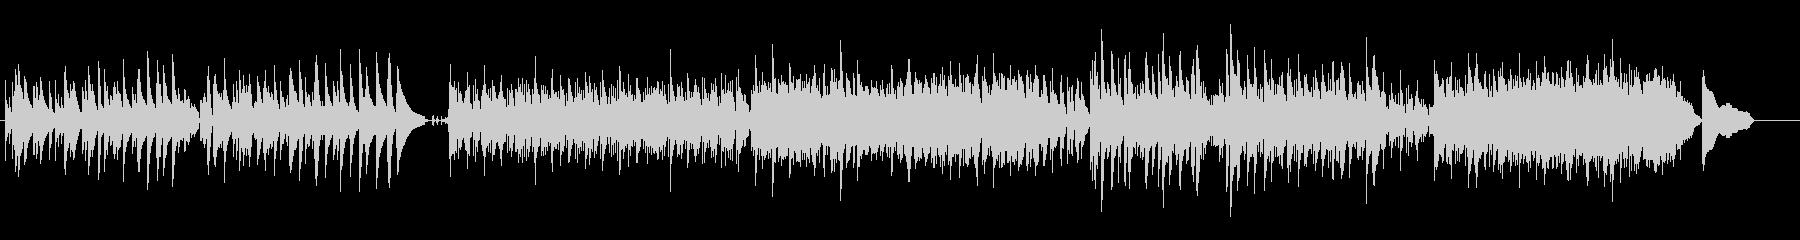 FineRain_(jazz 2)の未再生の波形